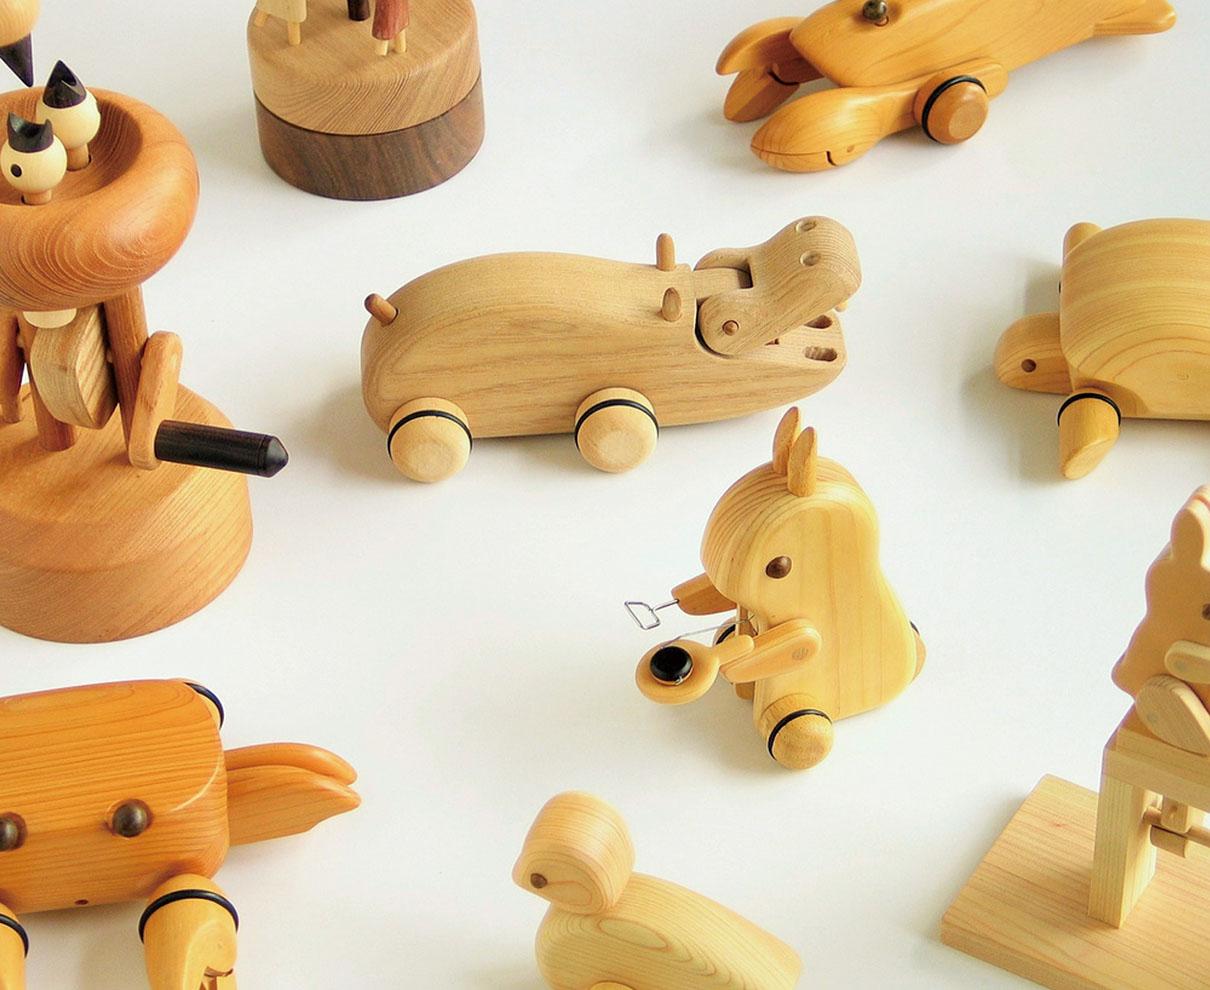 【6/6~】蓮渓円誠さんが命を宿す! 動くカラクリ玩具の展覧会が開催|ウッドラボいけだ